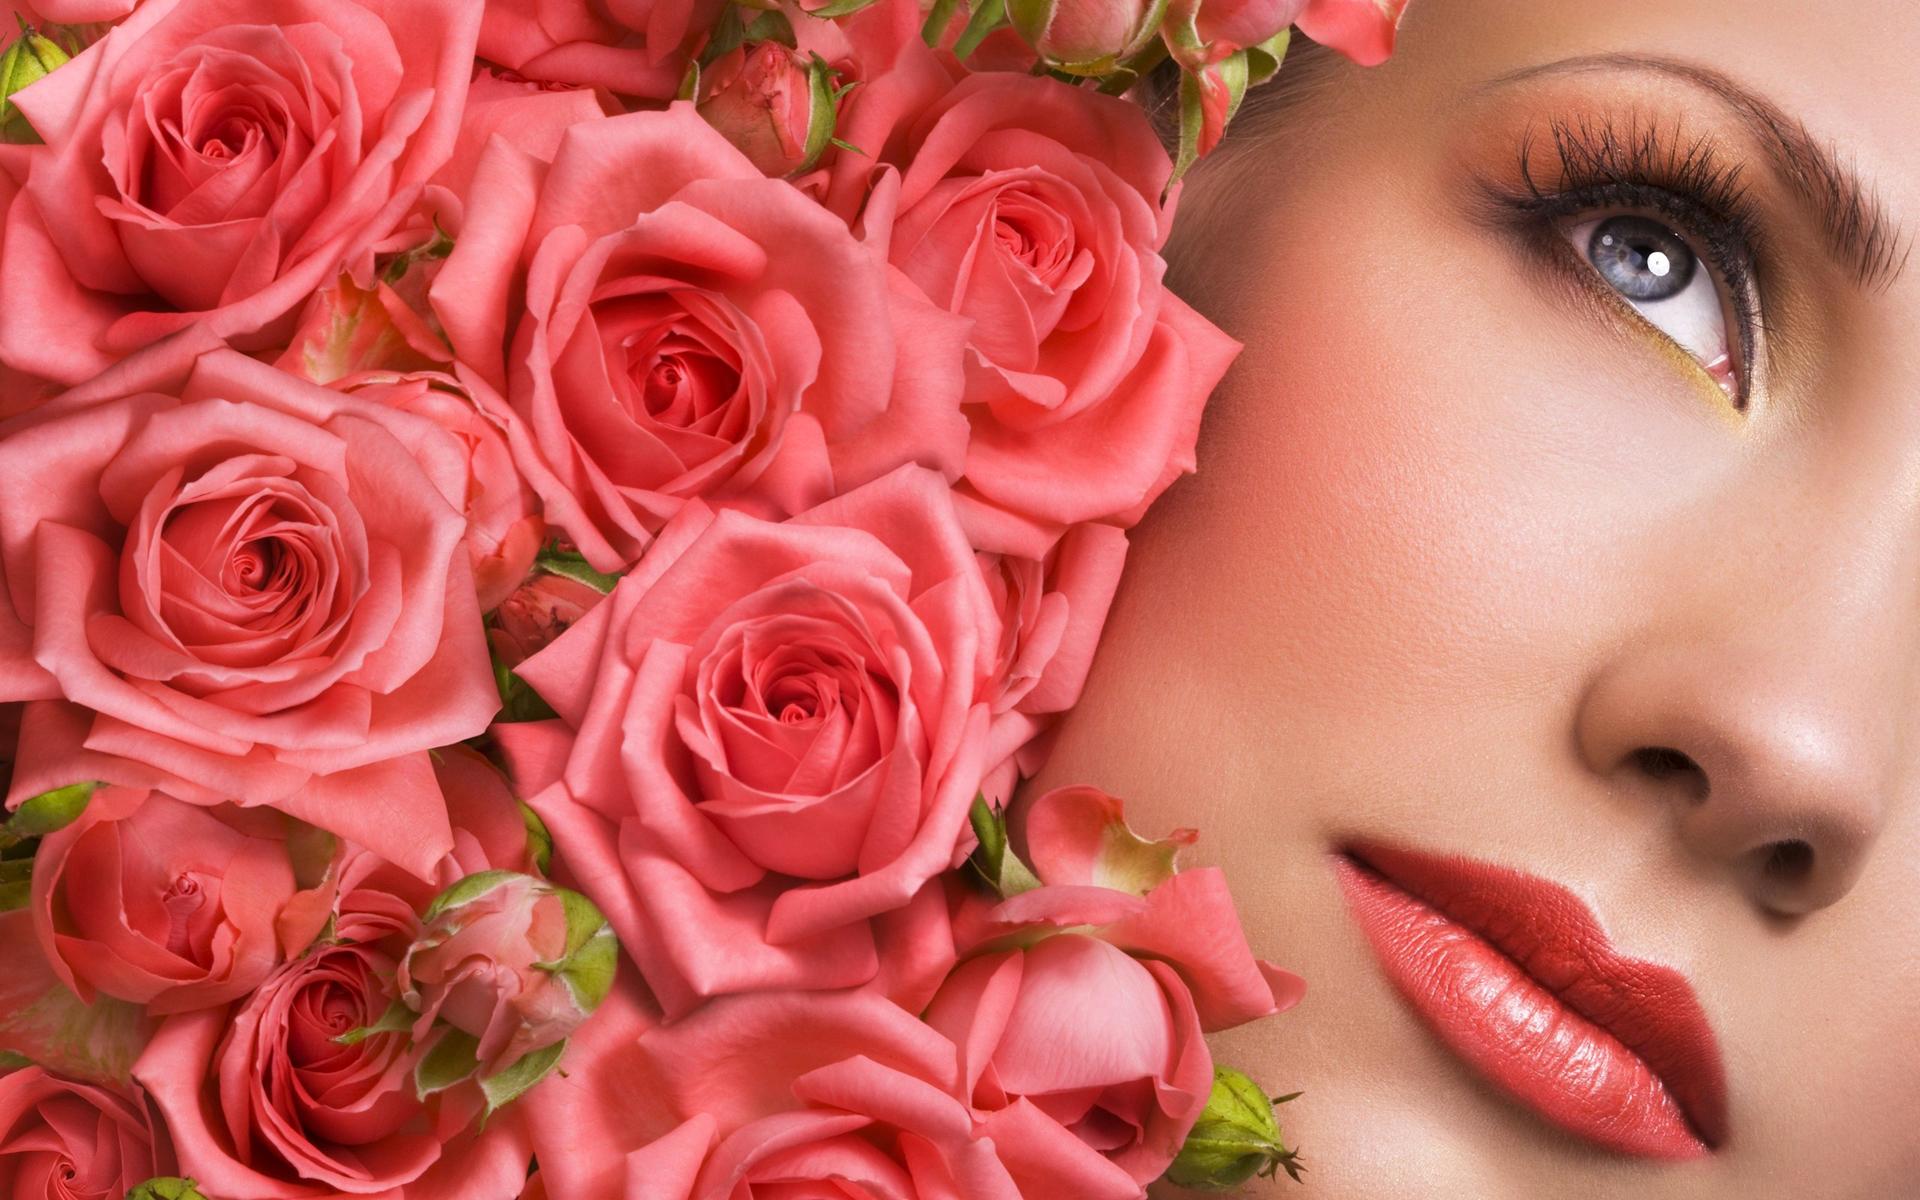 Картинки красивые цветы со смыслом (37 фото) Прикольные 68